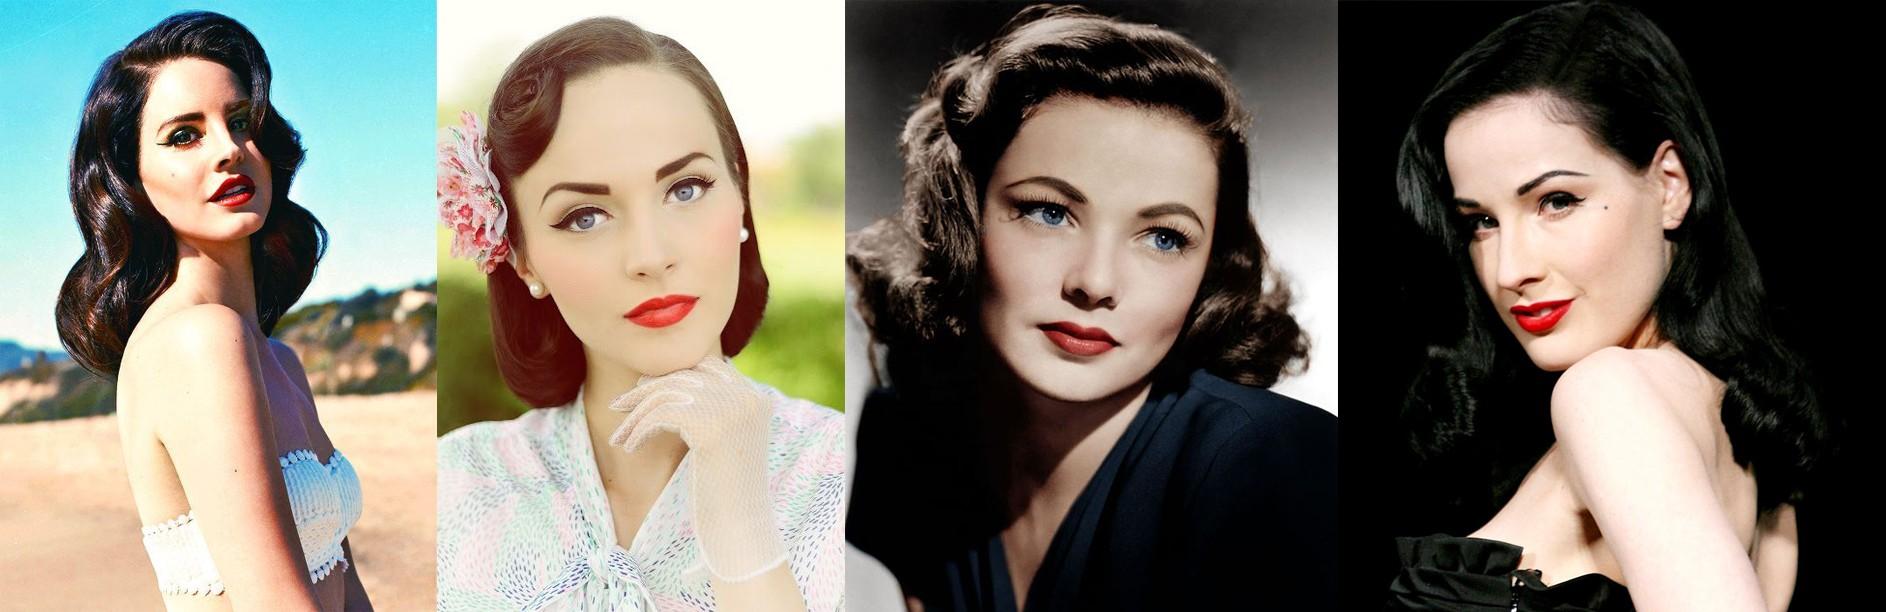 Примеры макияжа в стиле 40-х годов